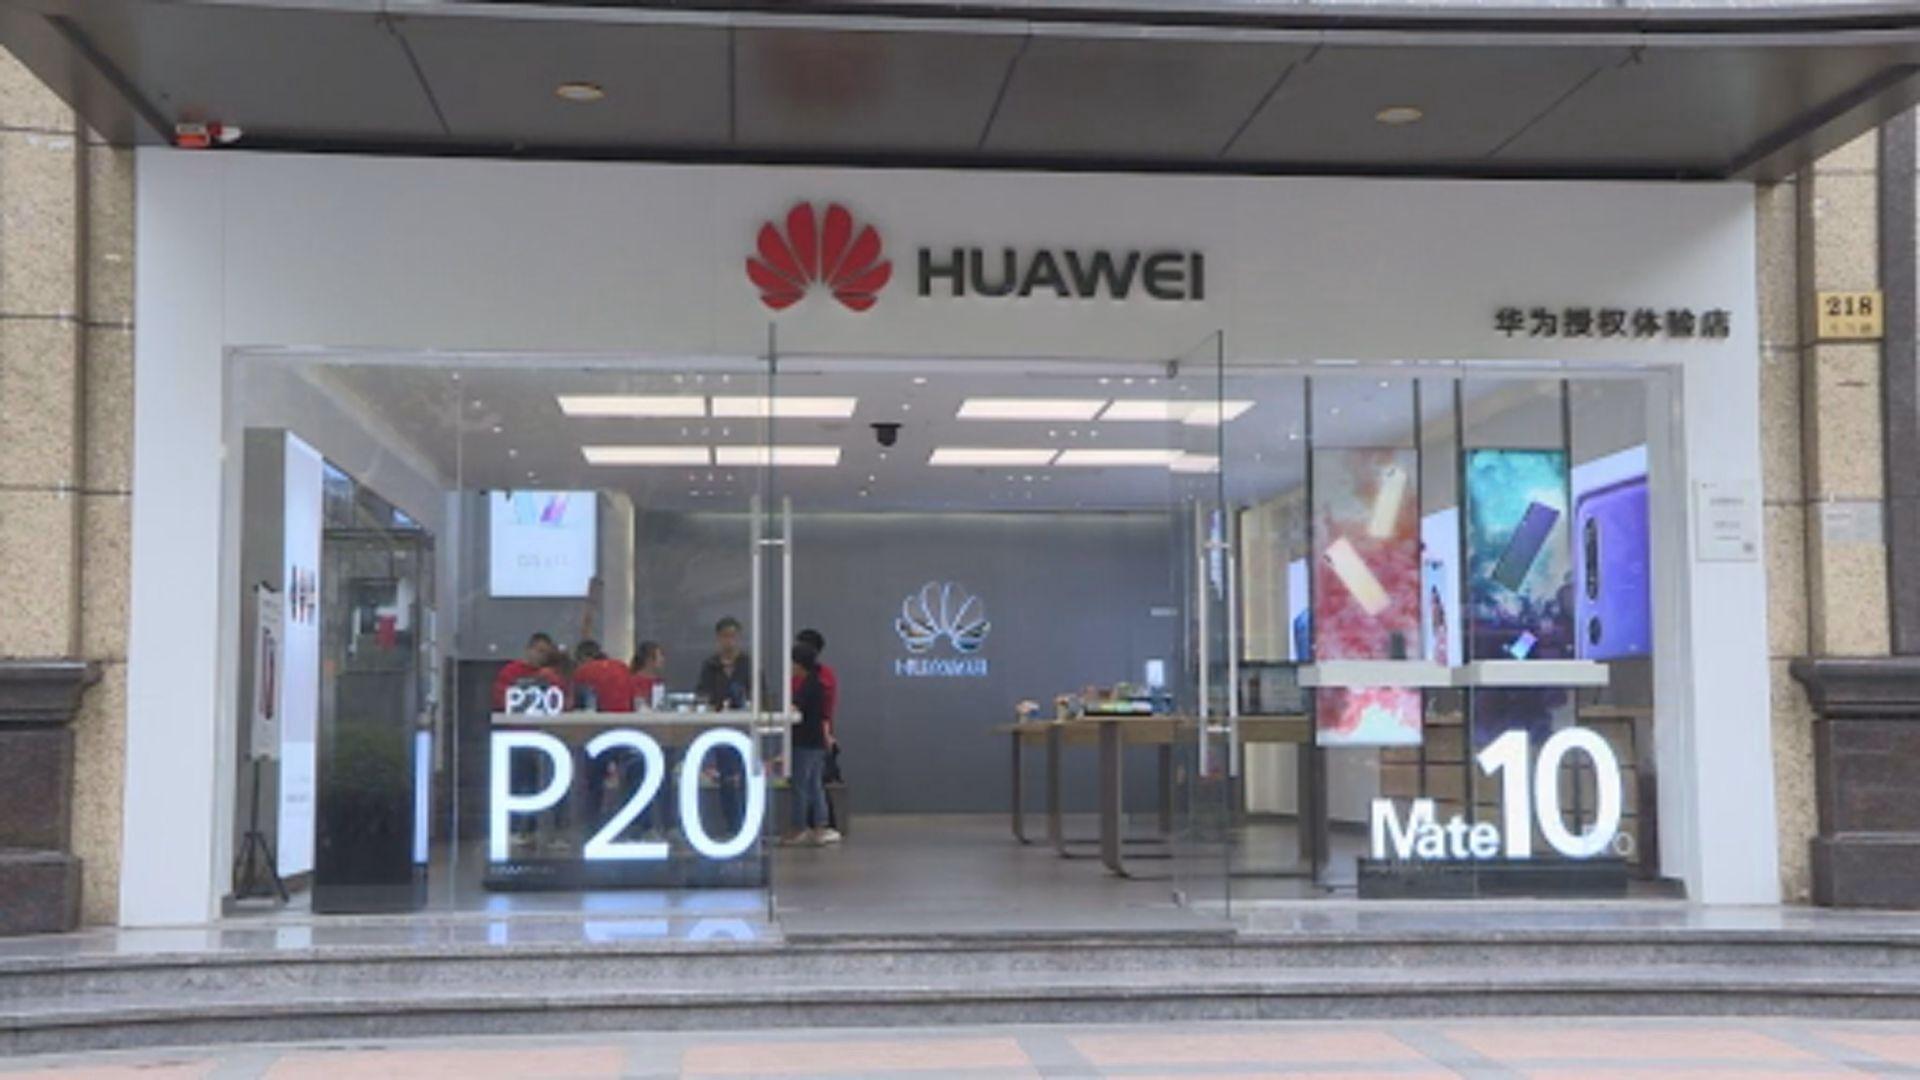 【超越蘋果】華為首成全球第二大智能手機供應商